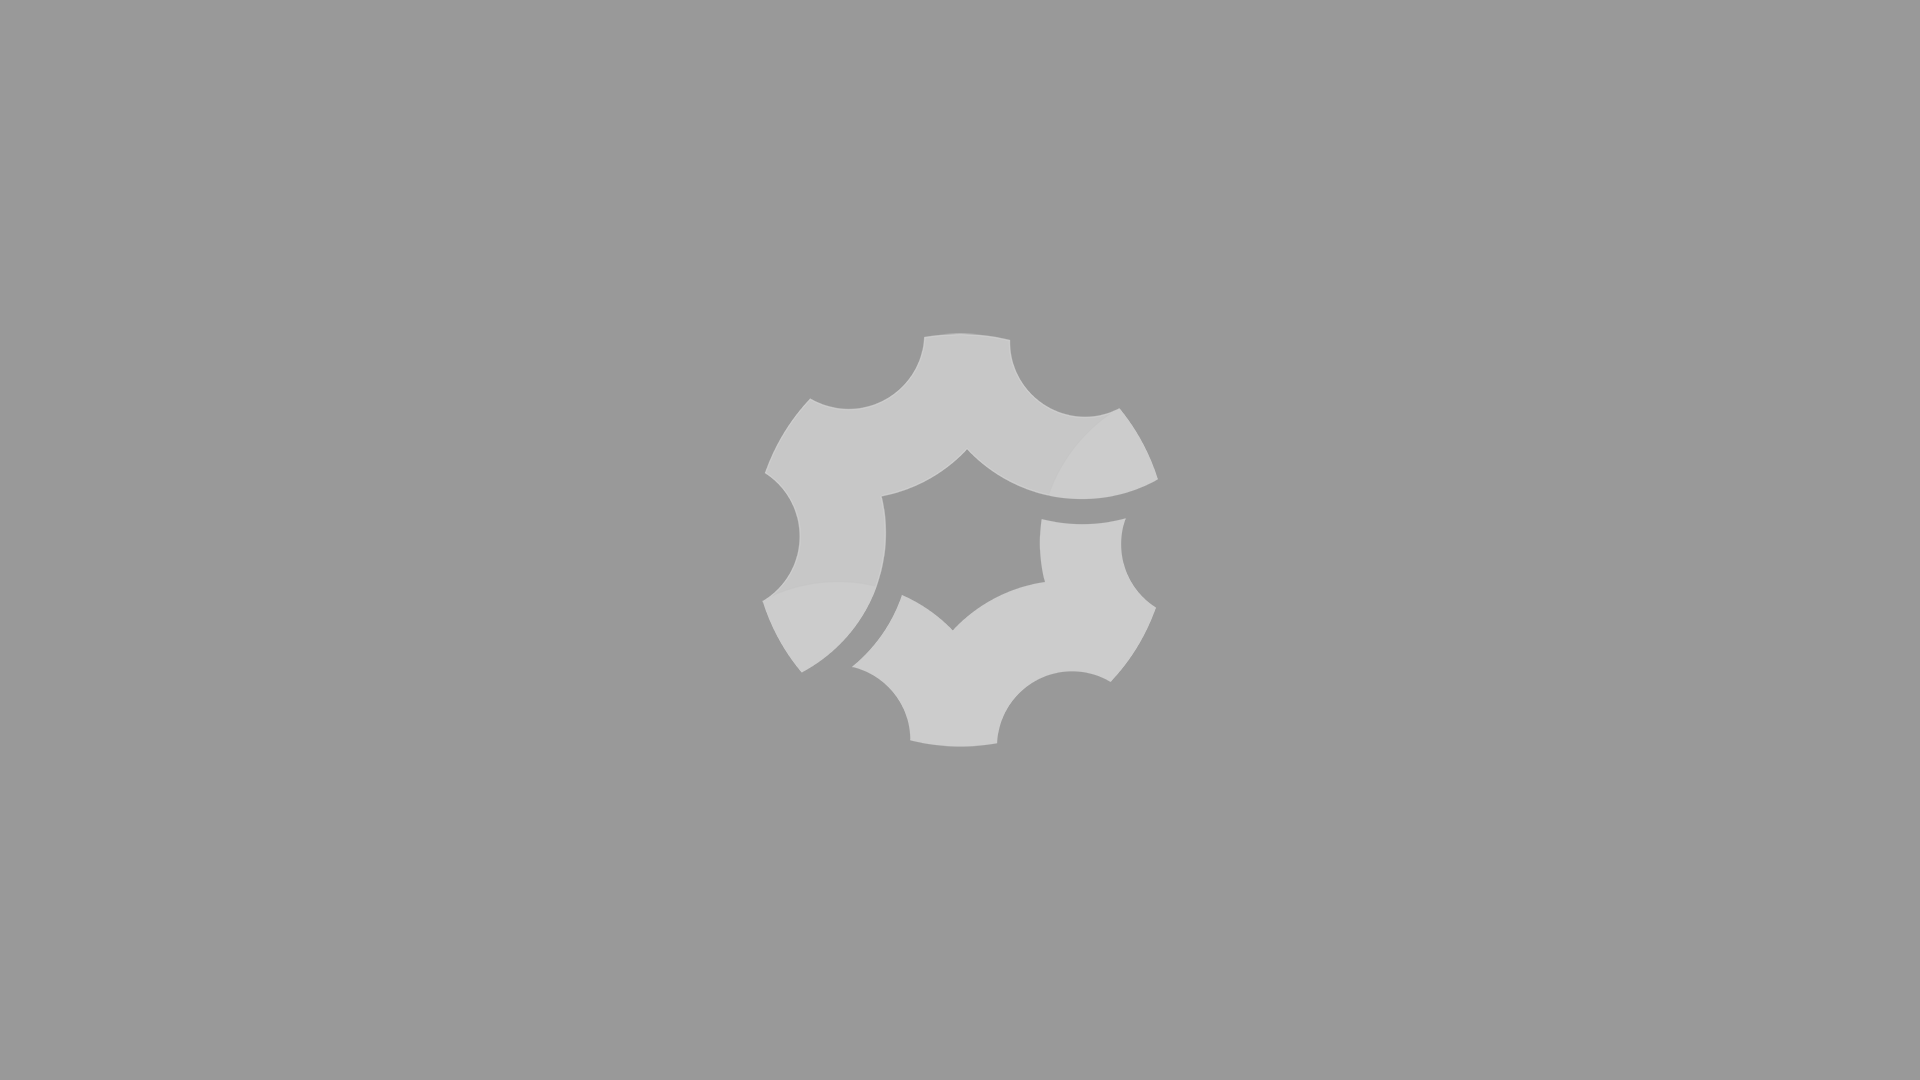 snowrunner_ksiva_p_a38f8_2021-04-24_22_26_32.png